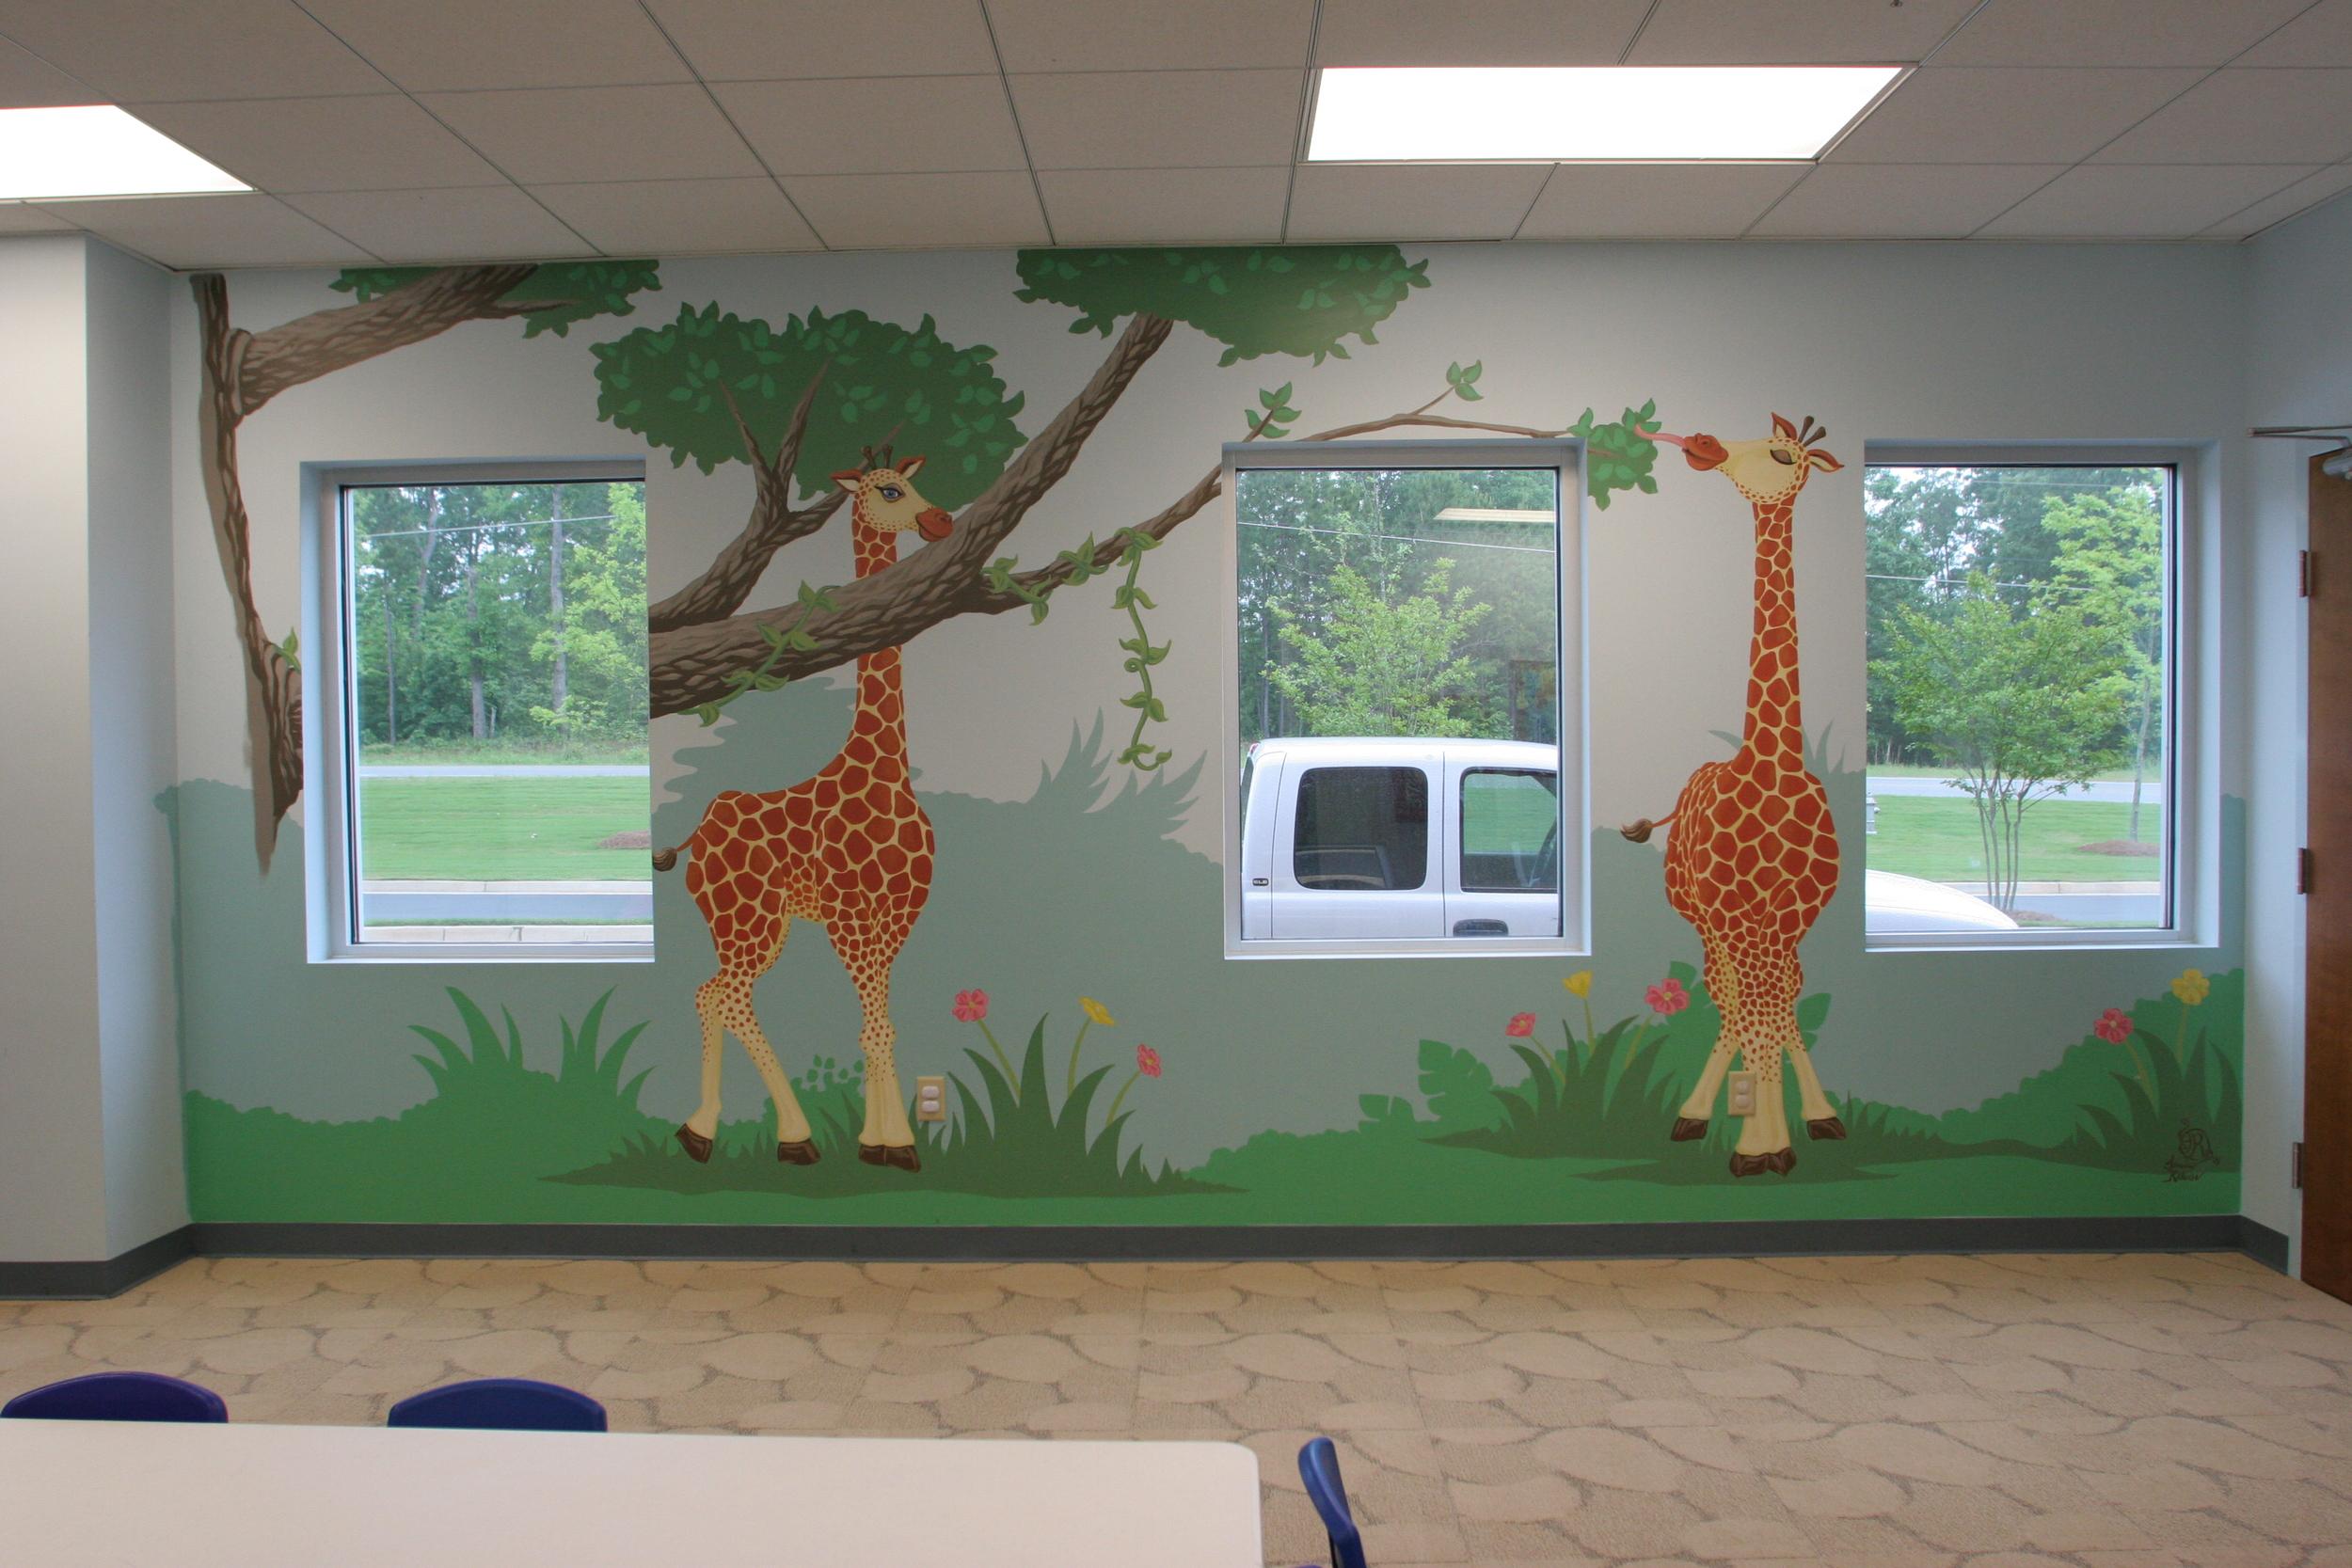 M-giraffe safari3.JPG